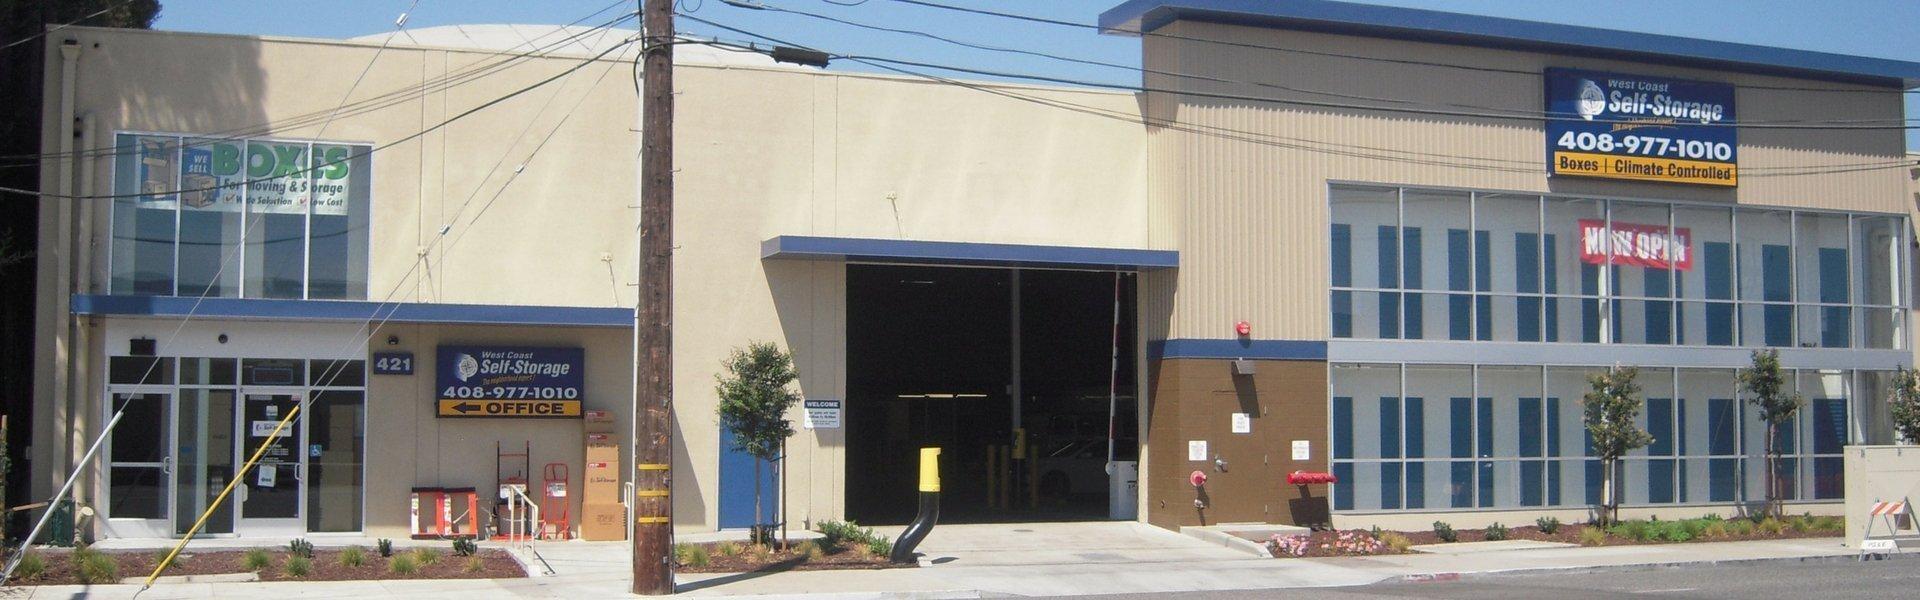 Willow Glen Storage Designs. Storage In San Jose Ca 95126 West Coast Self